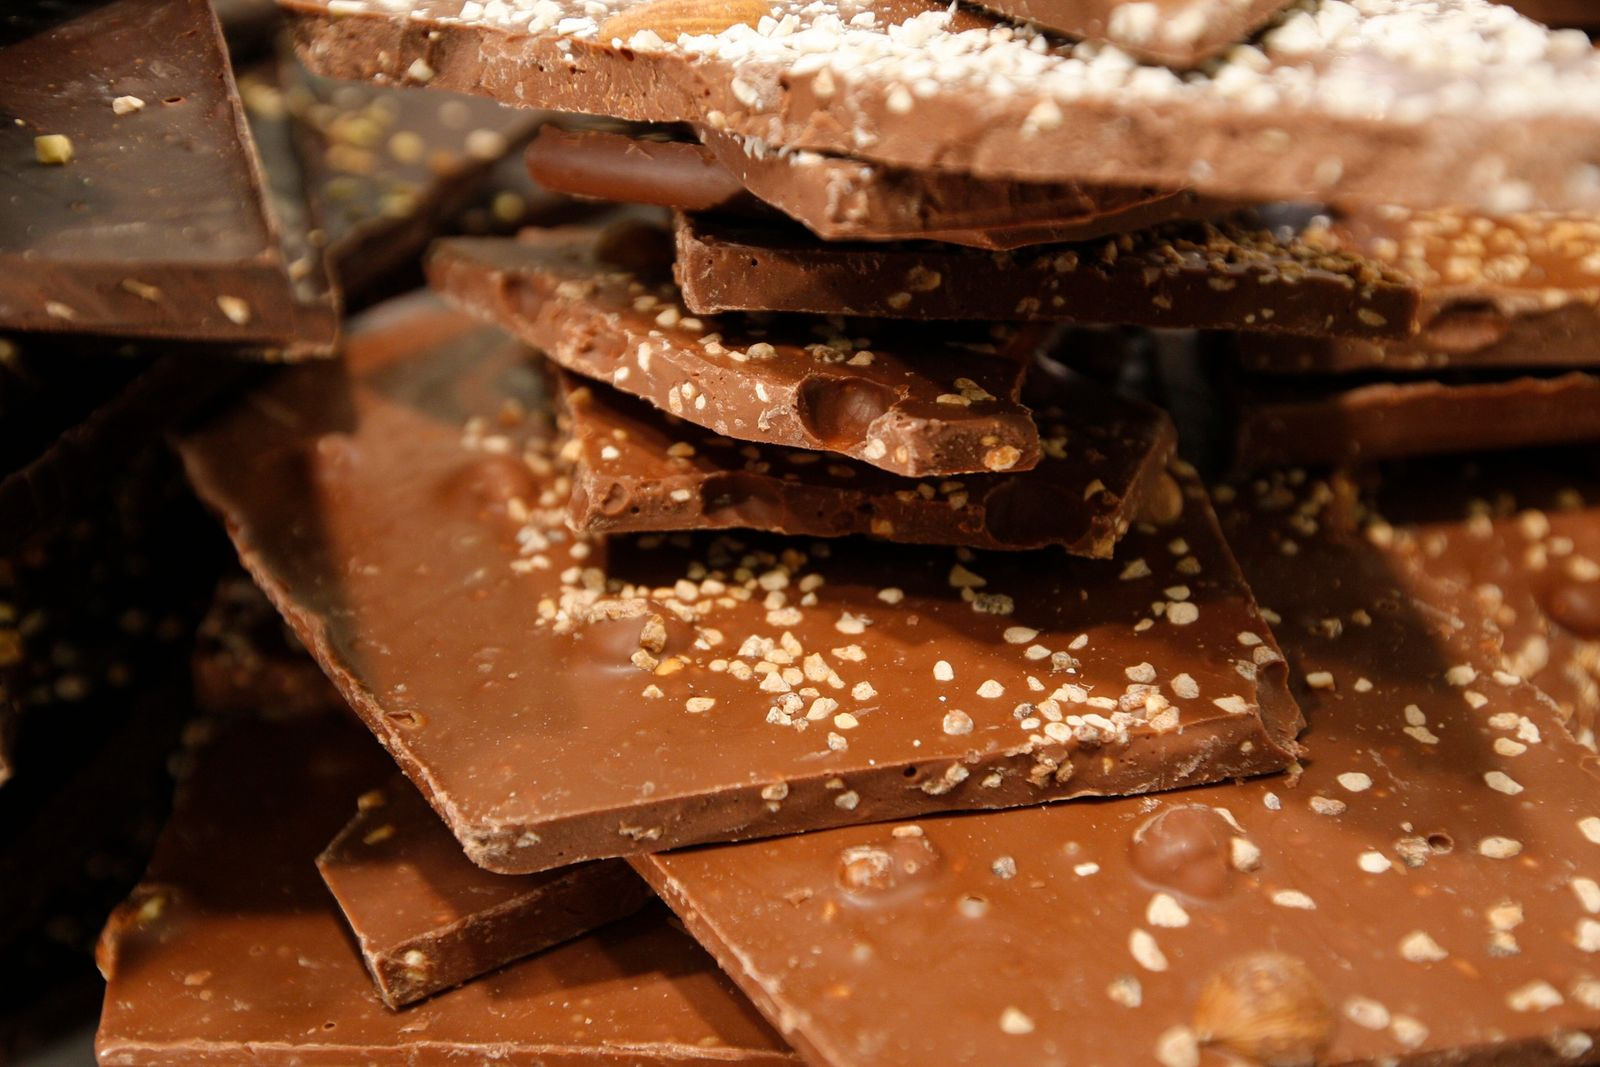 Frankreich / Schokolade / Schokoladentafeln